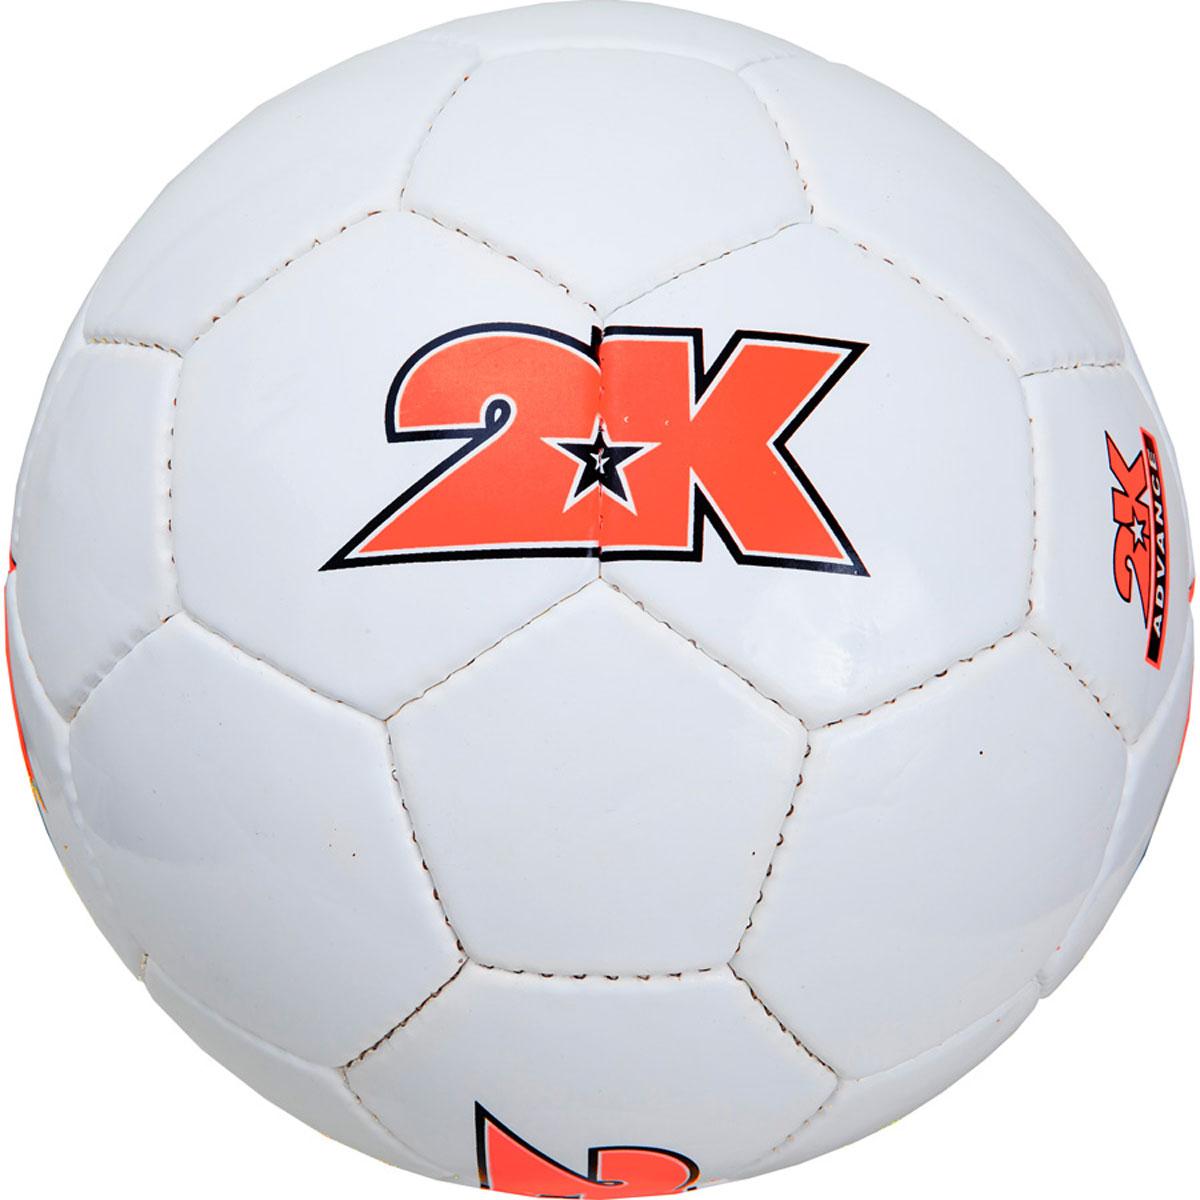 Мяч футбольный 2K Sport Advance, цвет: белый, оранжевый. 127048. Размер 4127048Любительский футбольный мяч. Изготовлен из полиуретана. Бесшовная камера из натурального латекса. Ручная сшивка, клеевая герметизация швов.